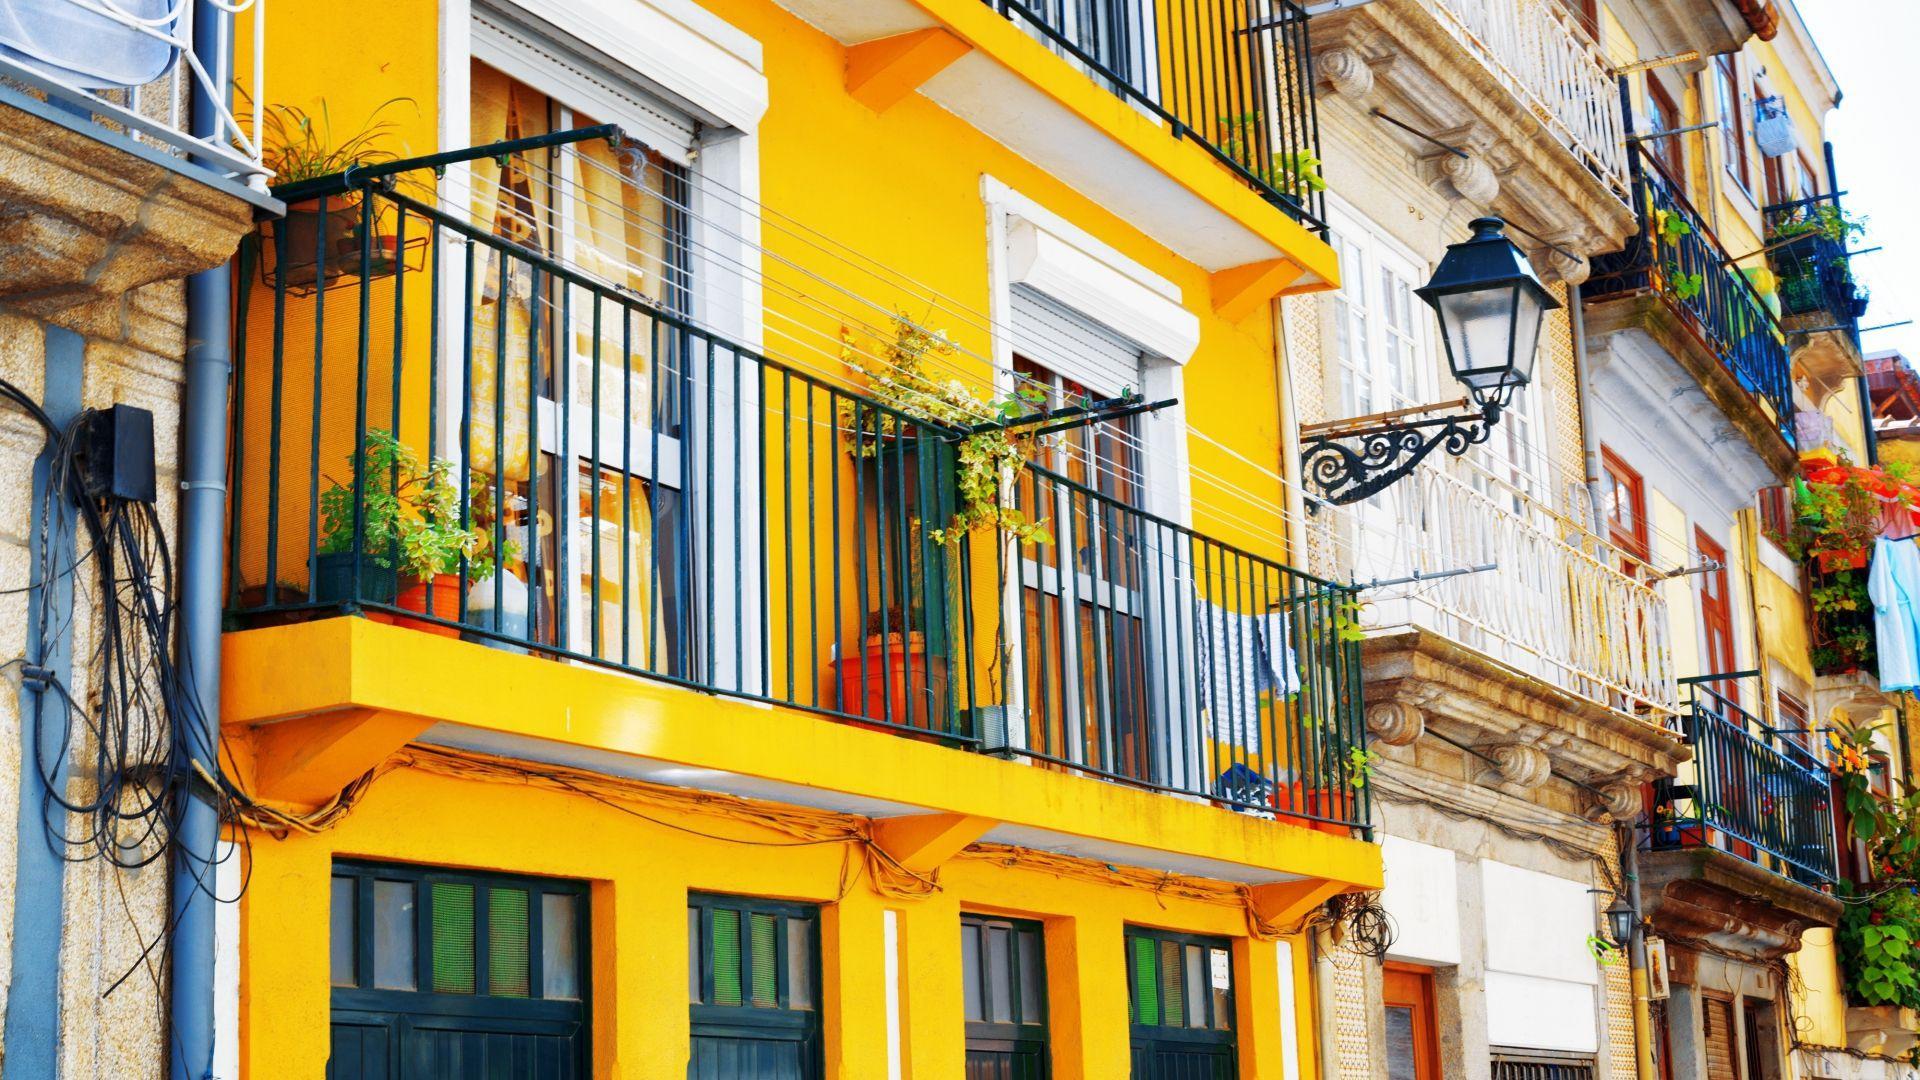 Spalvoti namų fasadai kontrastingame Porte